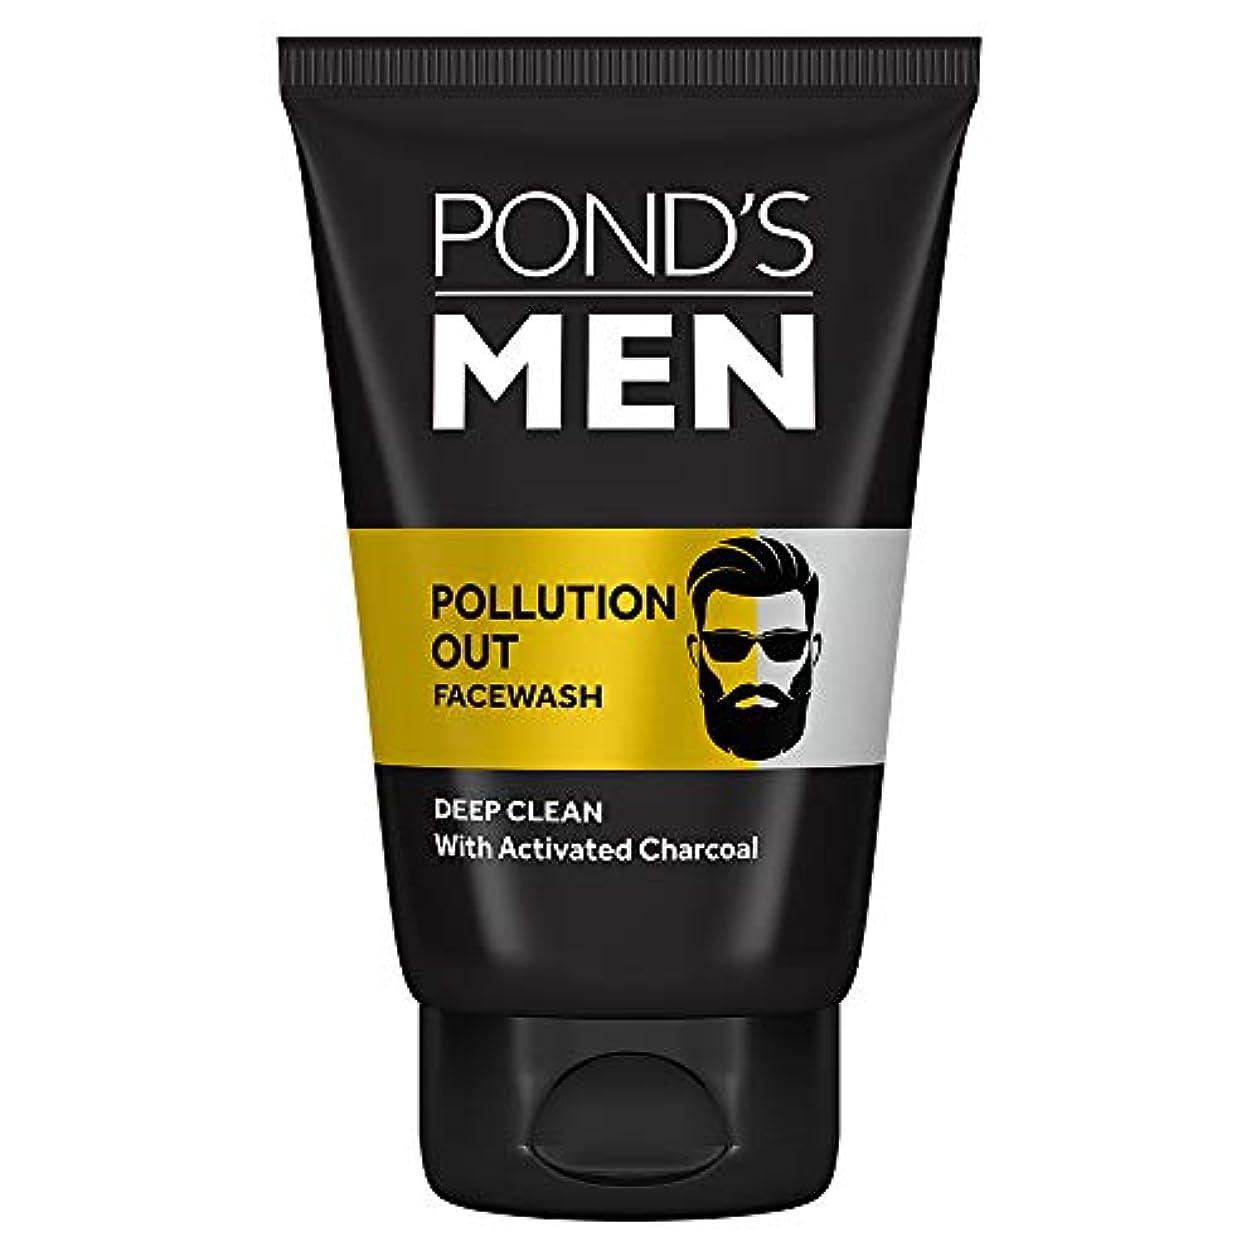 マージ知恵時間Pond's Men Pollution Out Face Wash, Feel Fresh 100gm